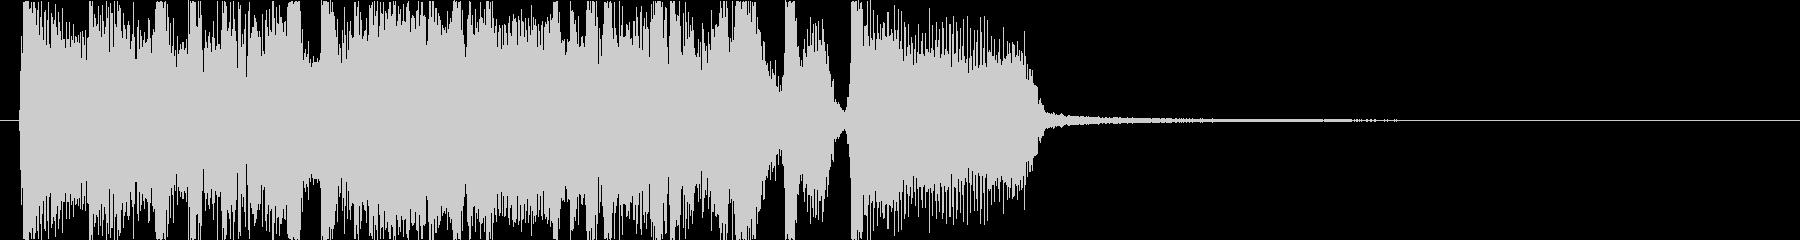 メタル、ハードロック調での場面転換の未再生の波形